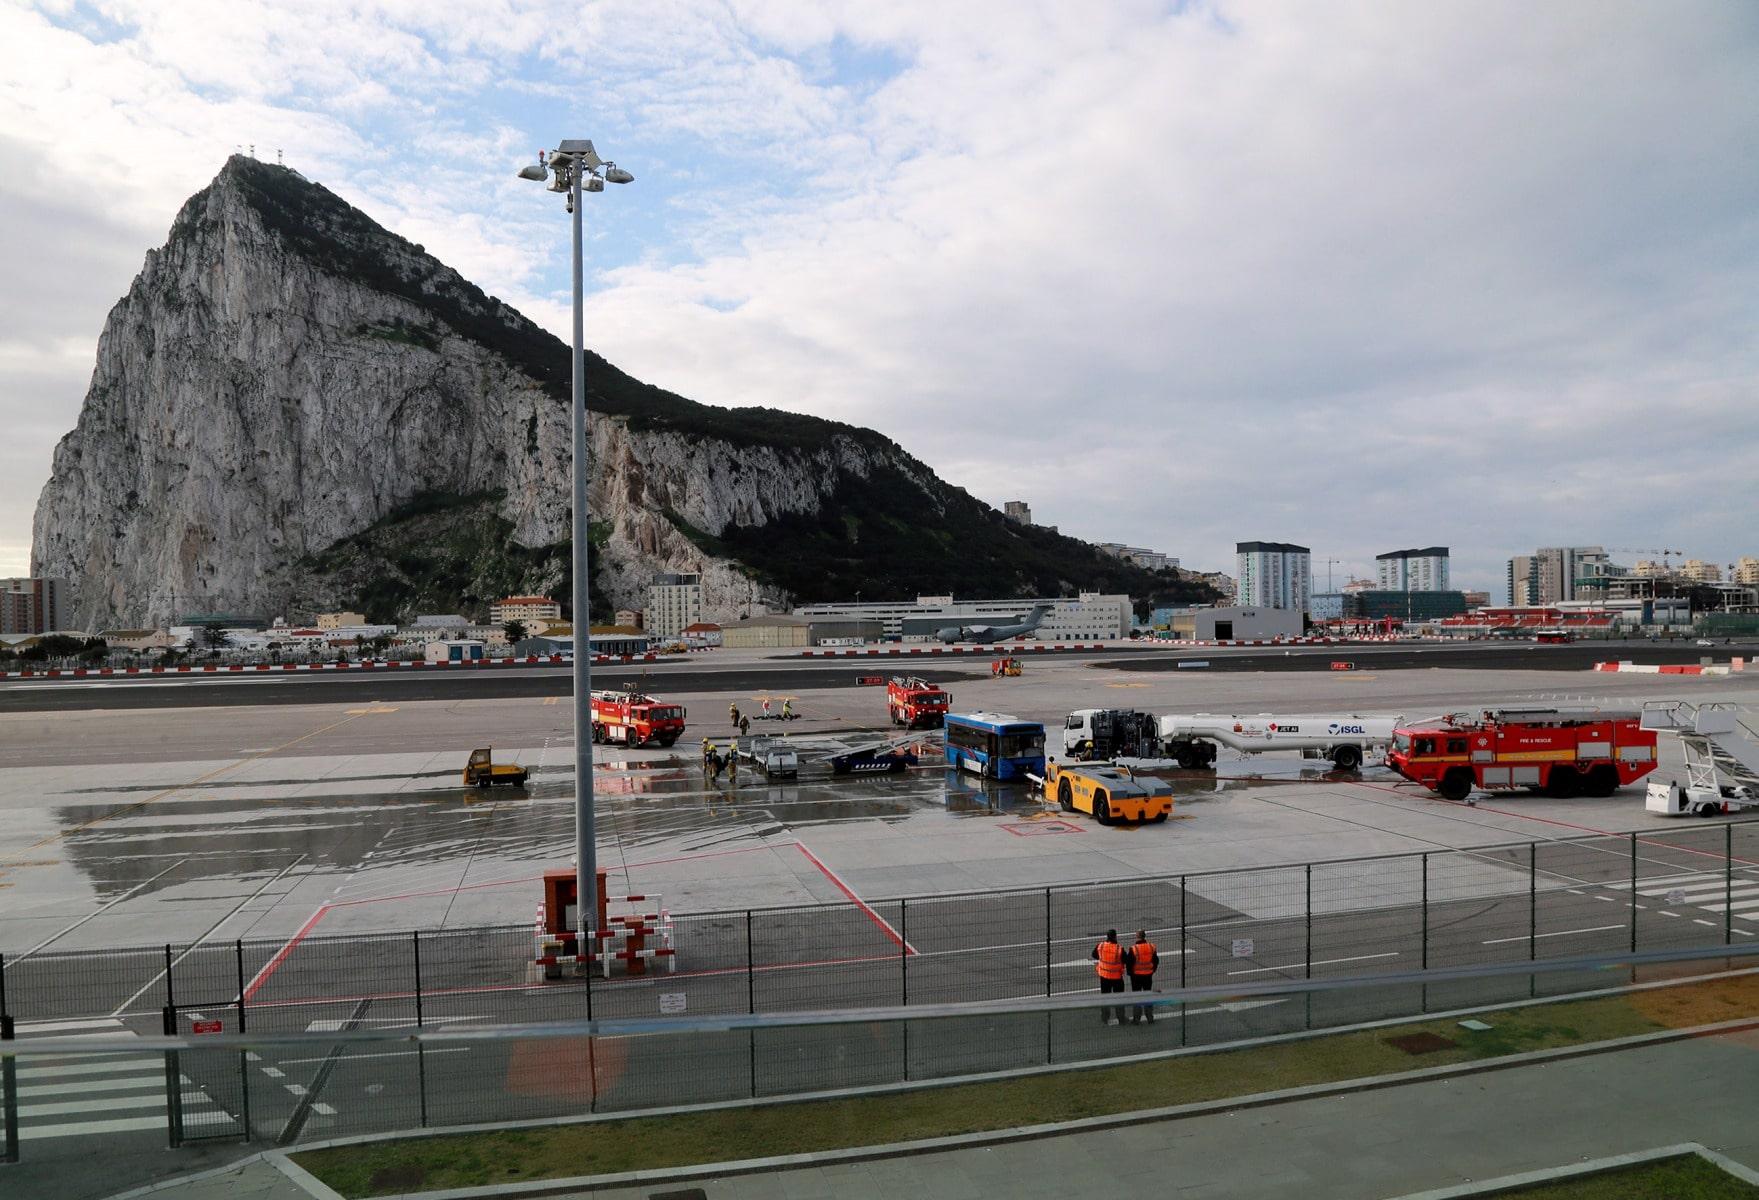 09-feb-2016-simulacro-de-incidente-en-el-aeropuerto-de-gibraltar_24547370469_o